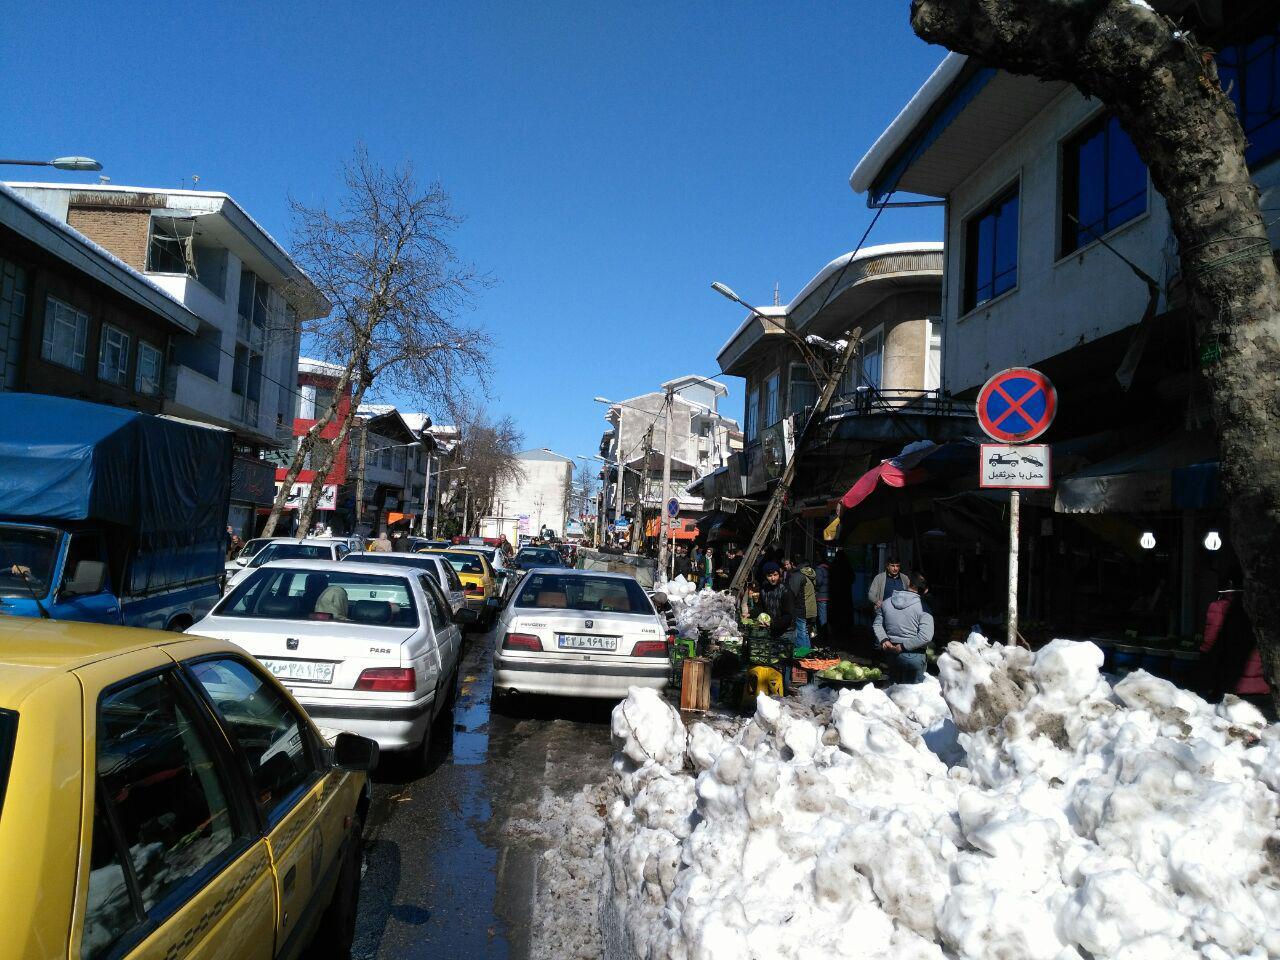 اختصاصی/رشت،شهر بی دفاع/شهردار پاسخگو نیست/آیا وضعیت پس از برف مناسب است؟